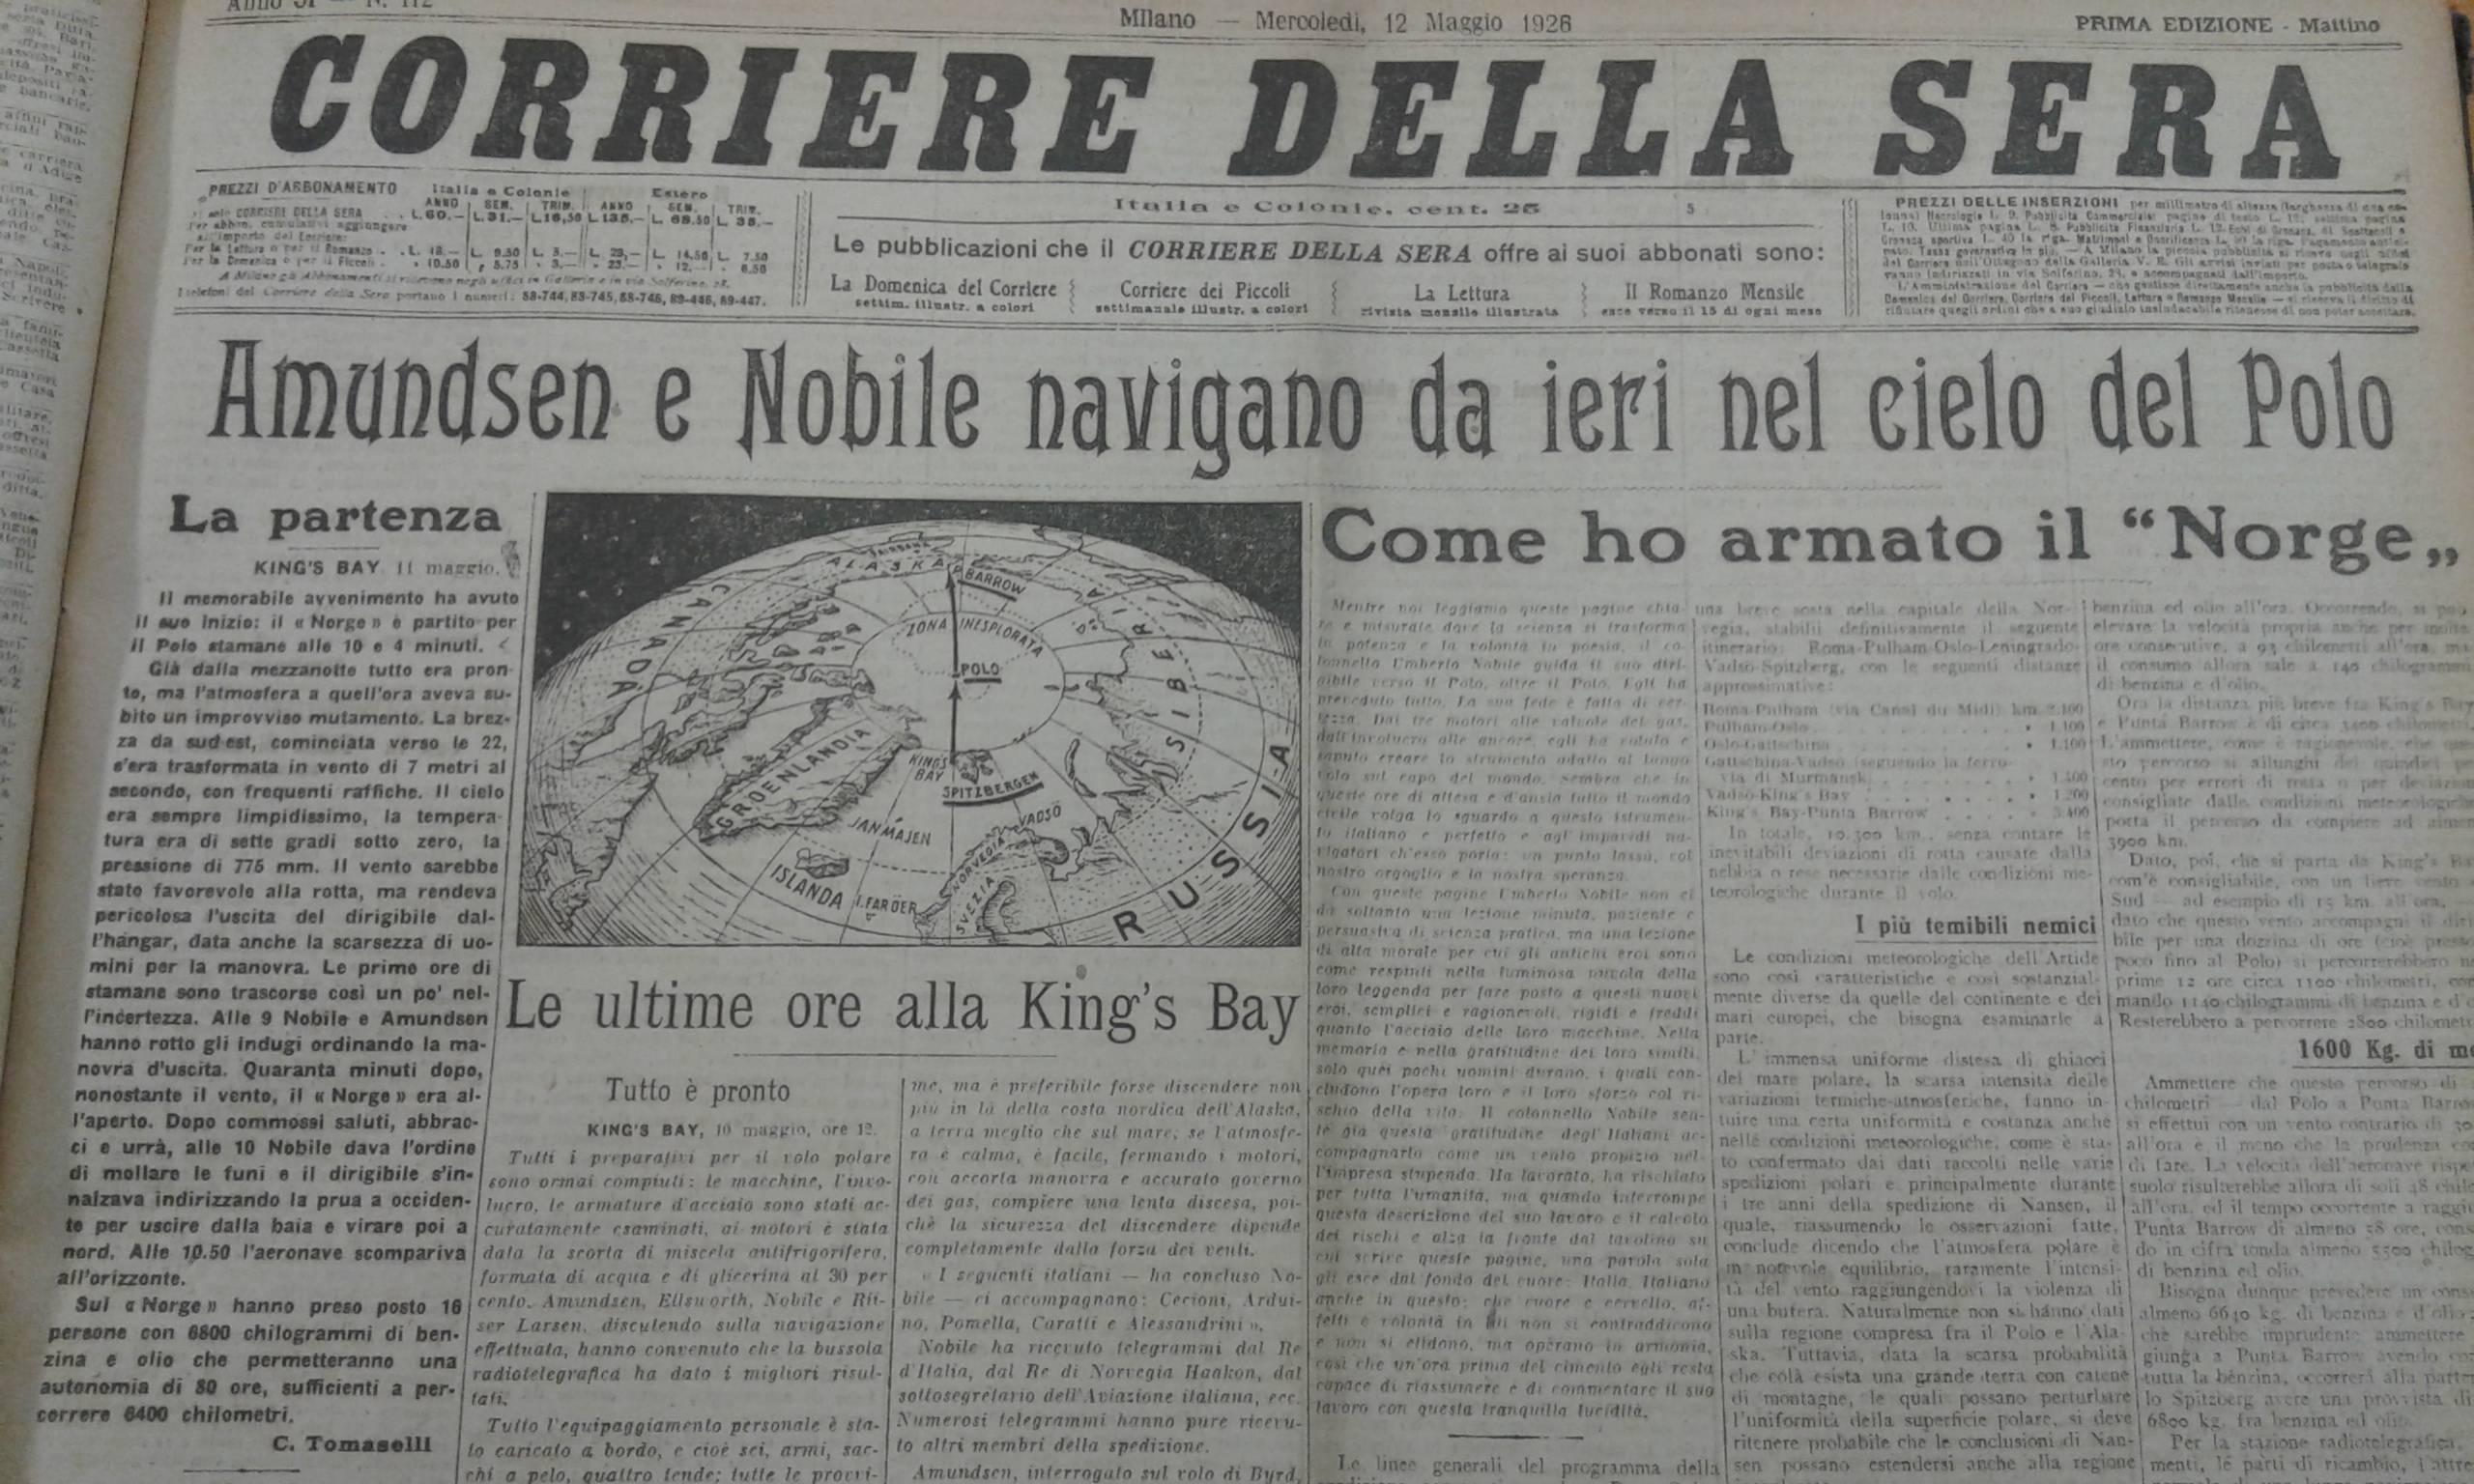 """""""Corriere della sera"""", 12 maggio 1926"""